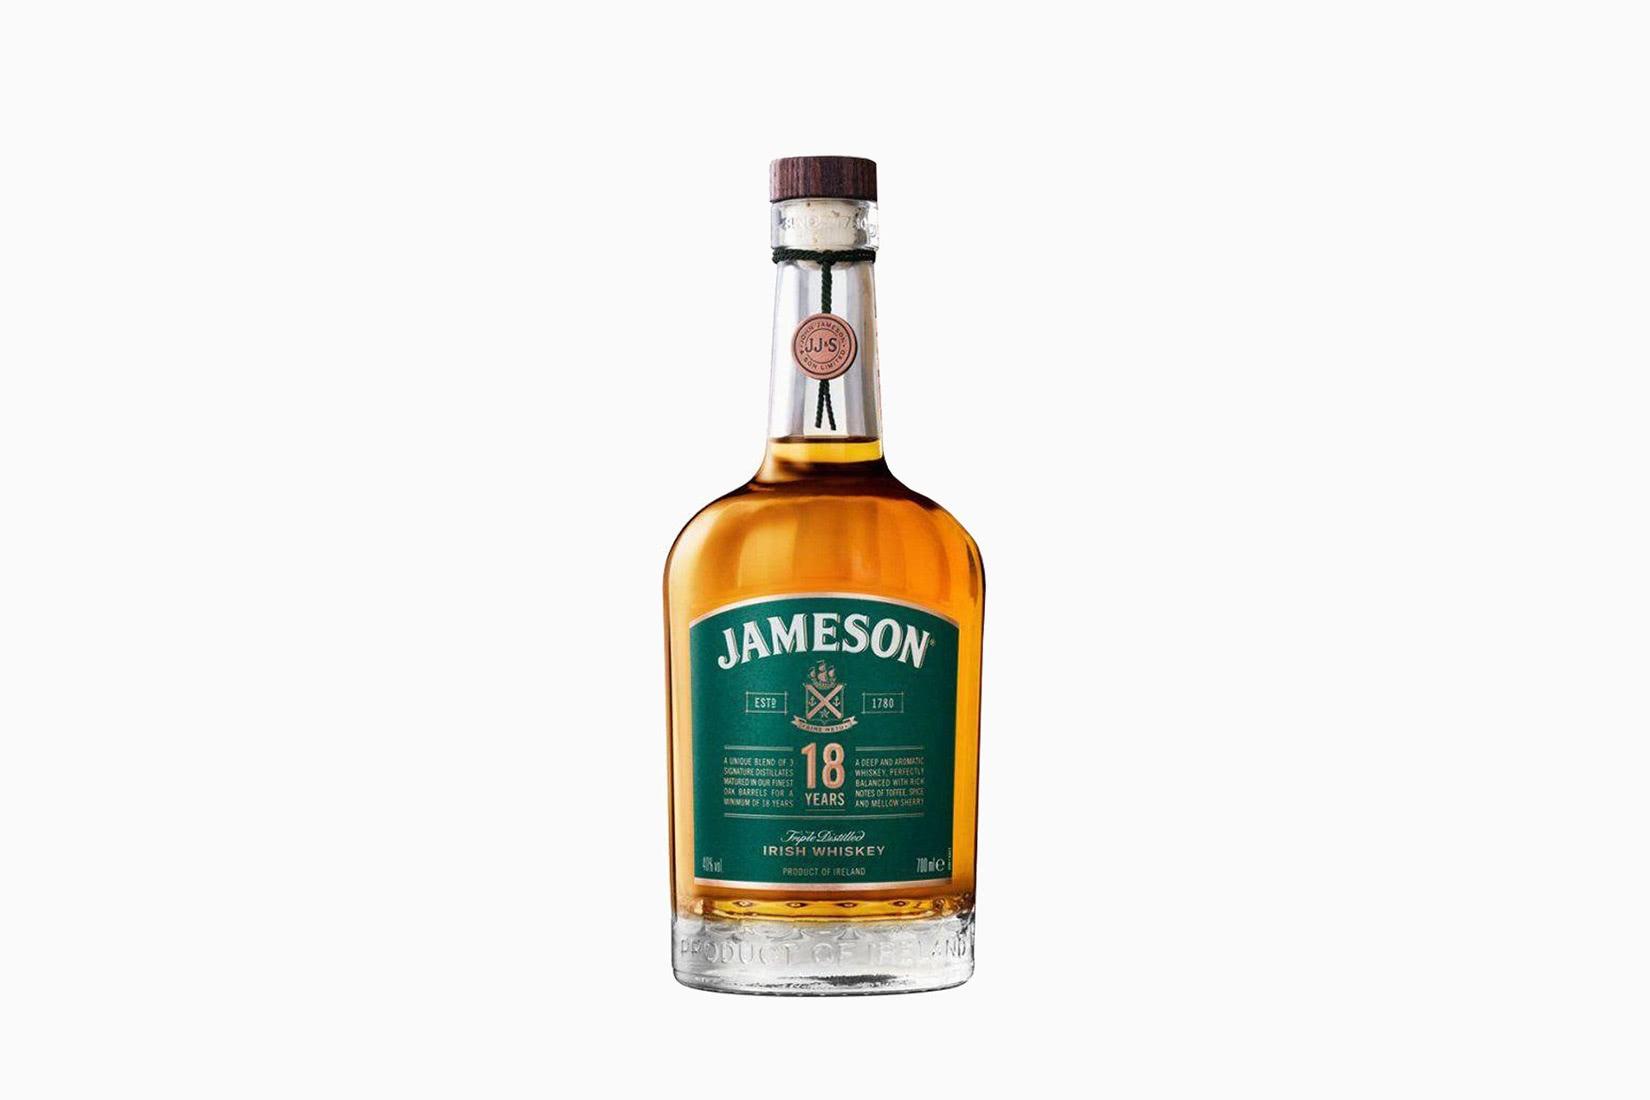 botella de whisky jameson precio tamaño 18 años - Luxe Digital